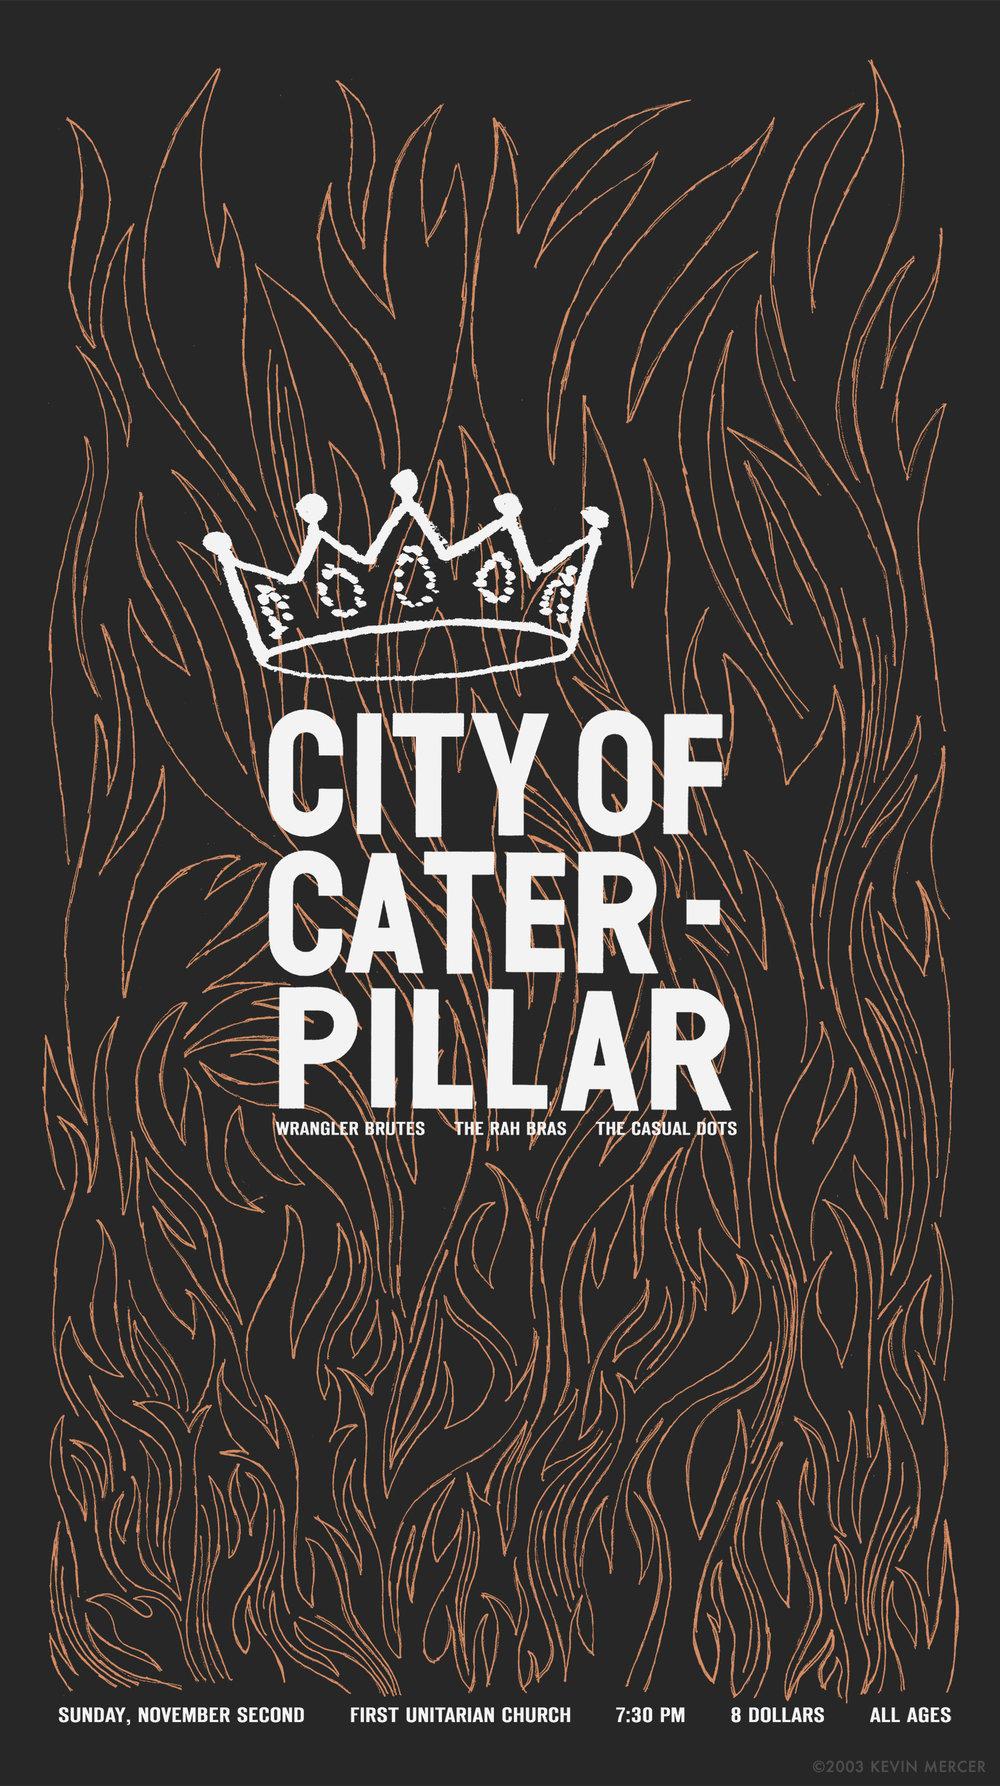 CityOfCaterpillar2003-1500.jpg